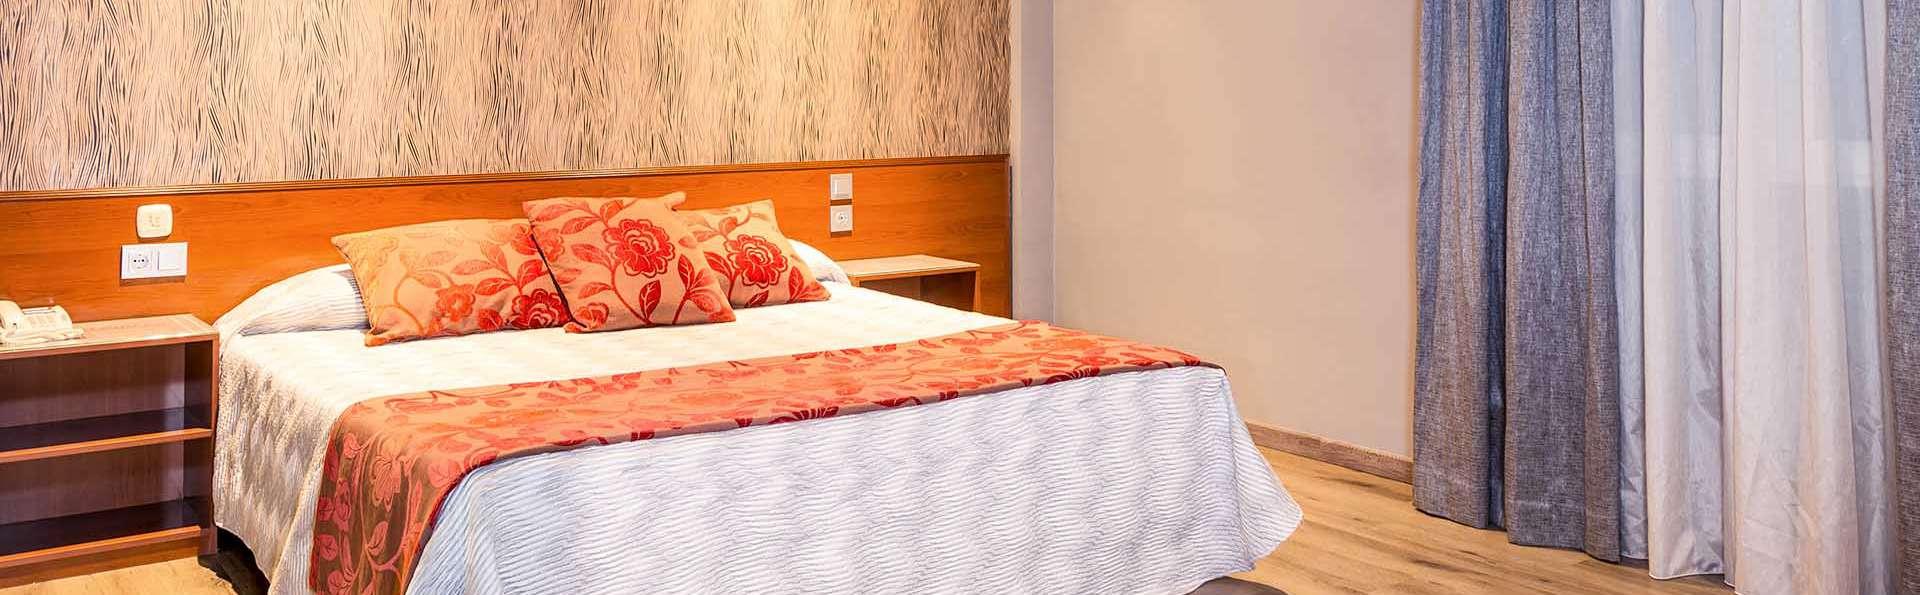 Noche romántica en un motel discreto con cava y Love Box incluido en la habitación